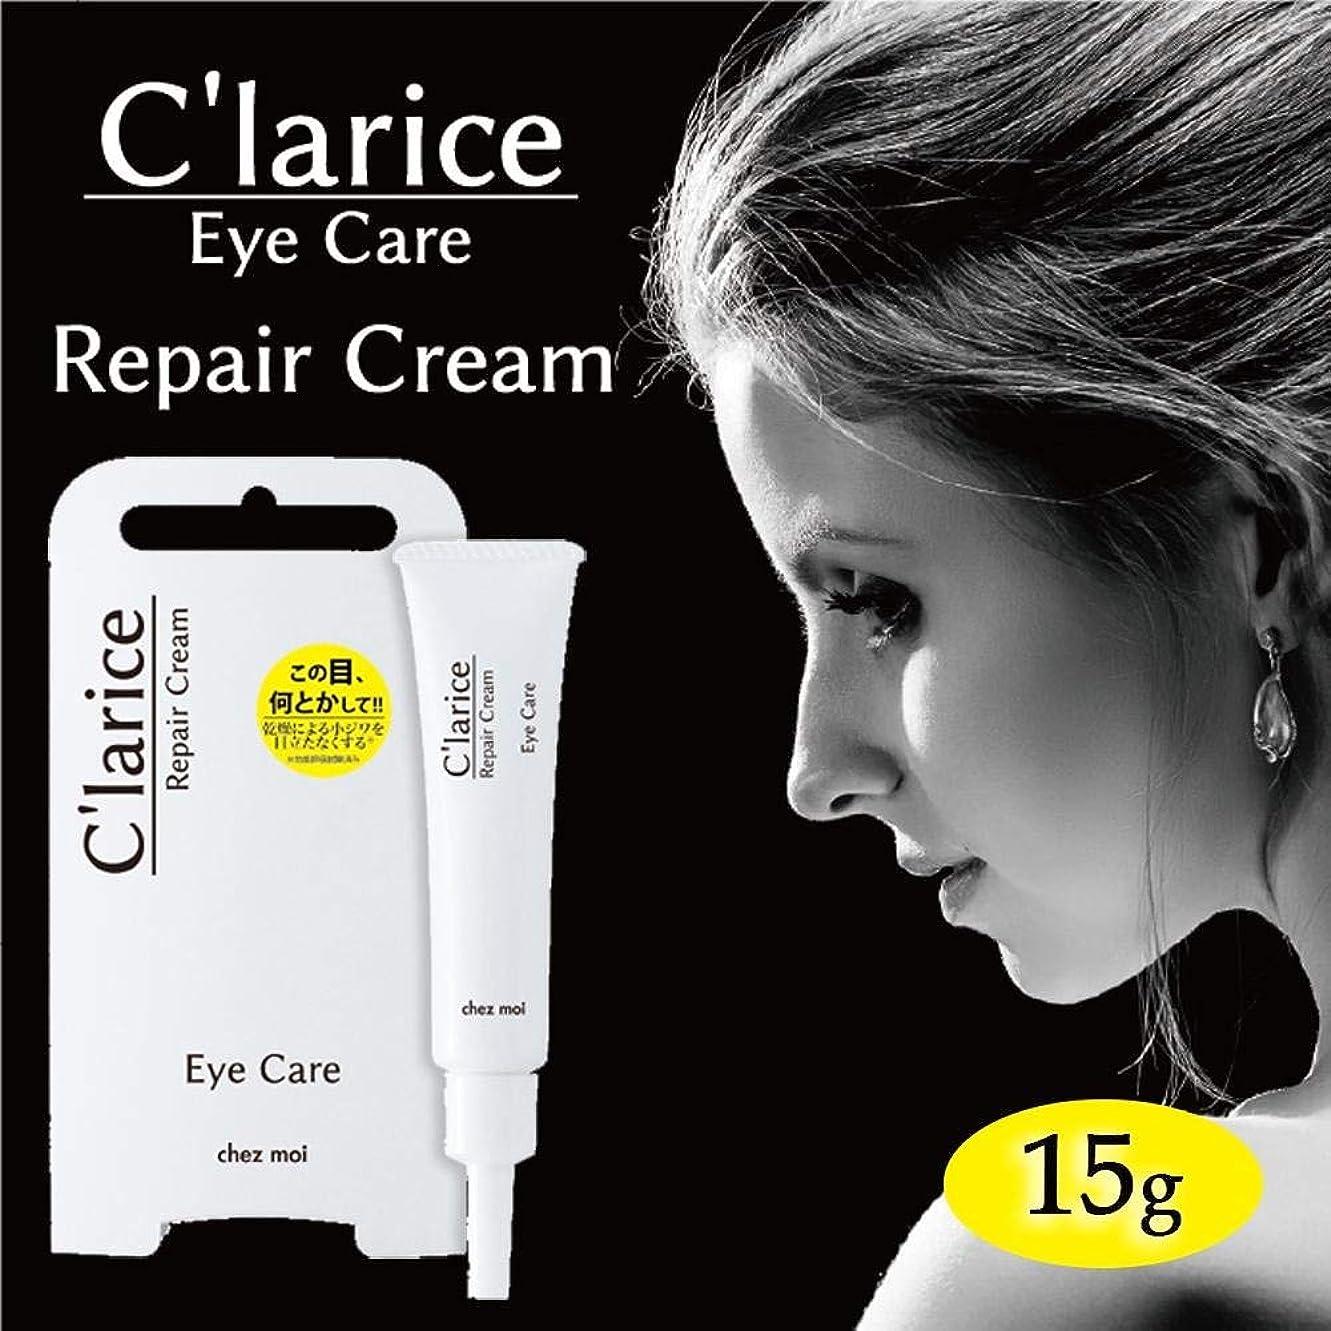 メッセンジャー殺人者エイリアスC'larice(クラリス) Eye Care ‐Repair Cream‐(リペアクリーム) 15g